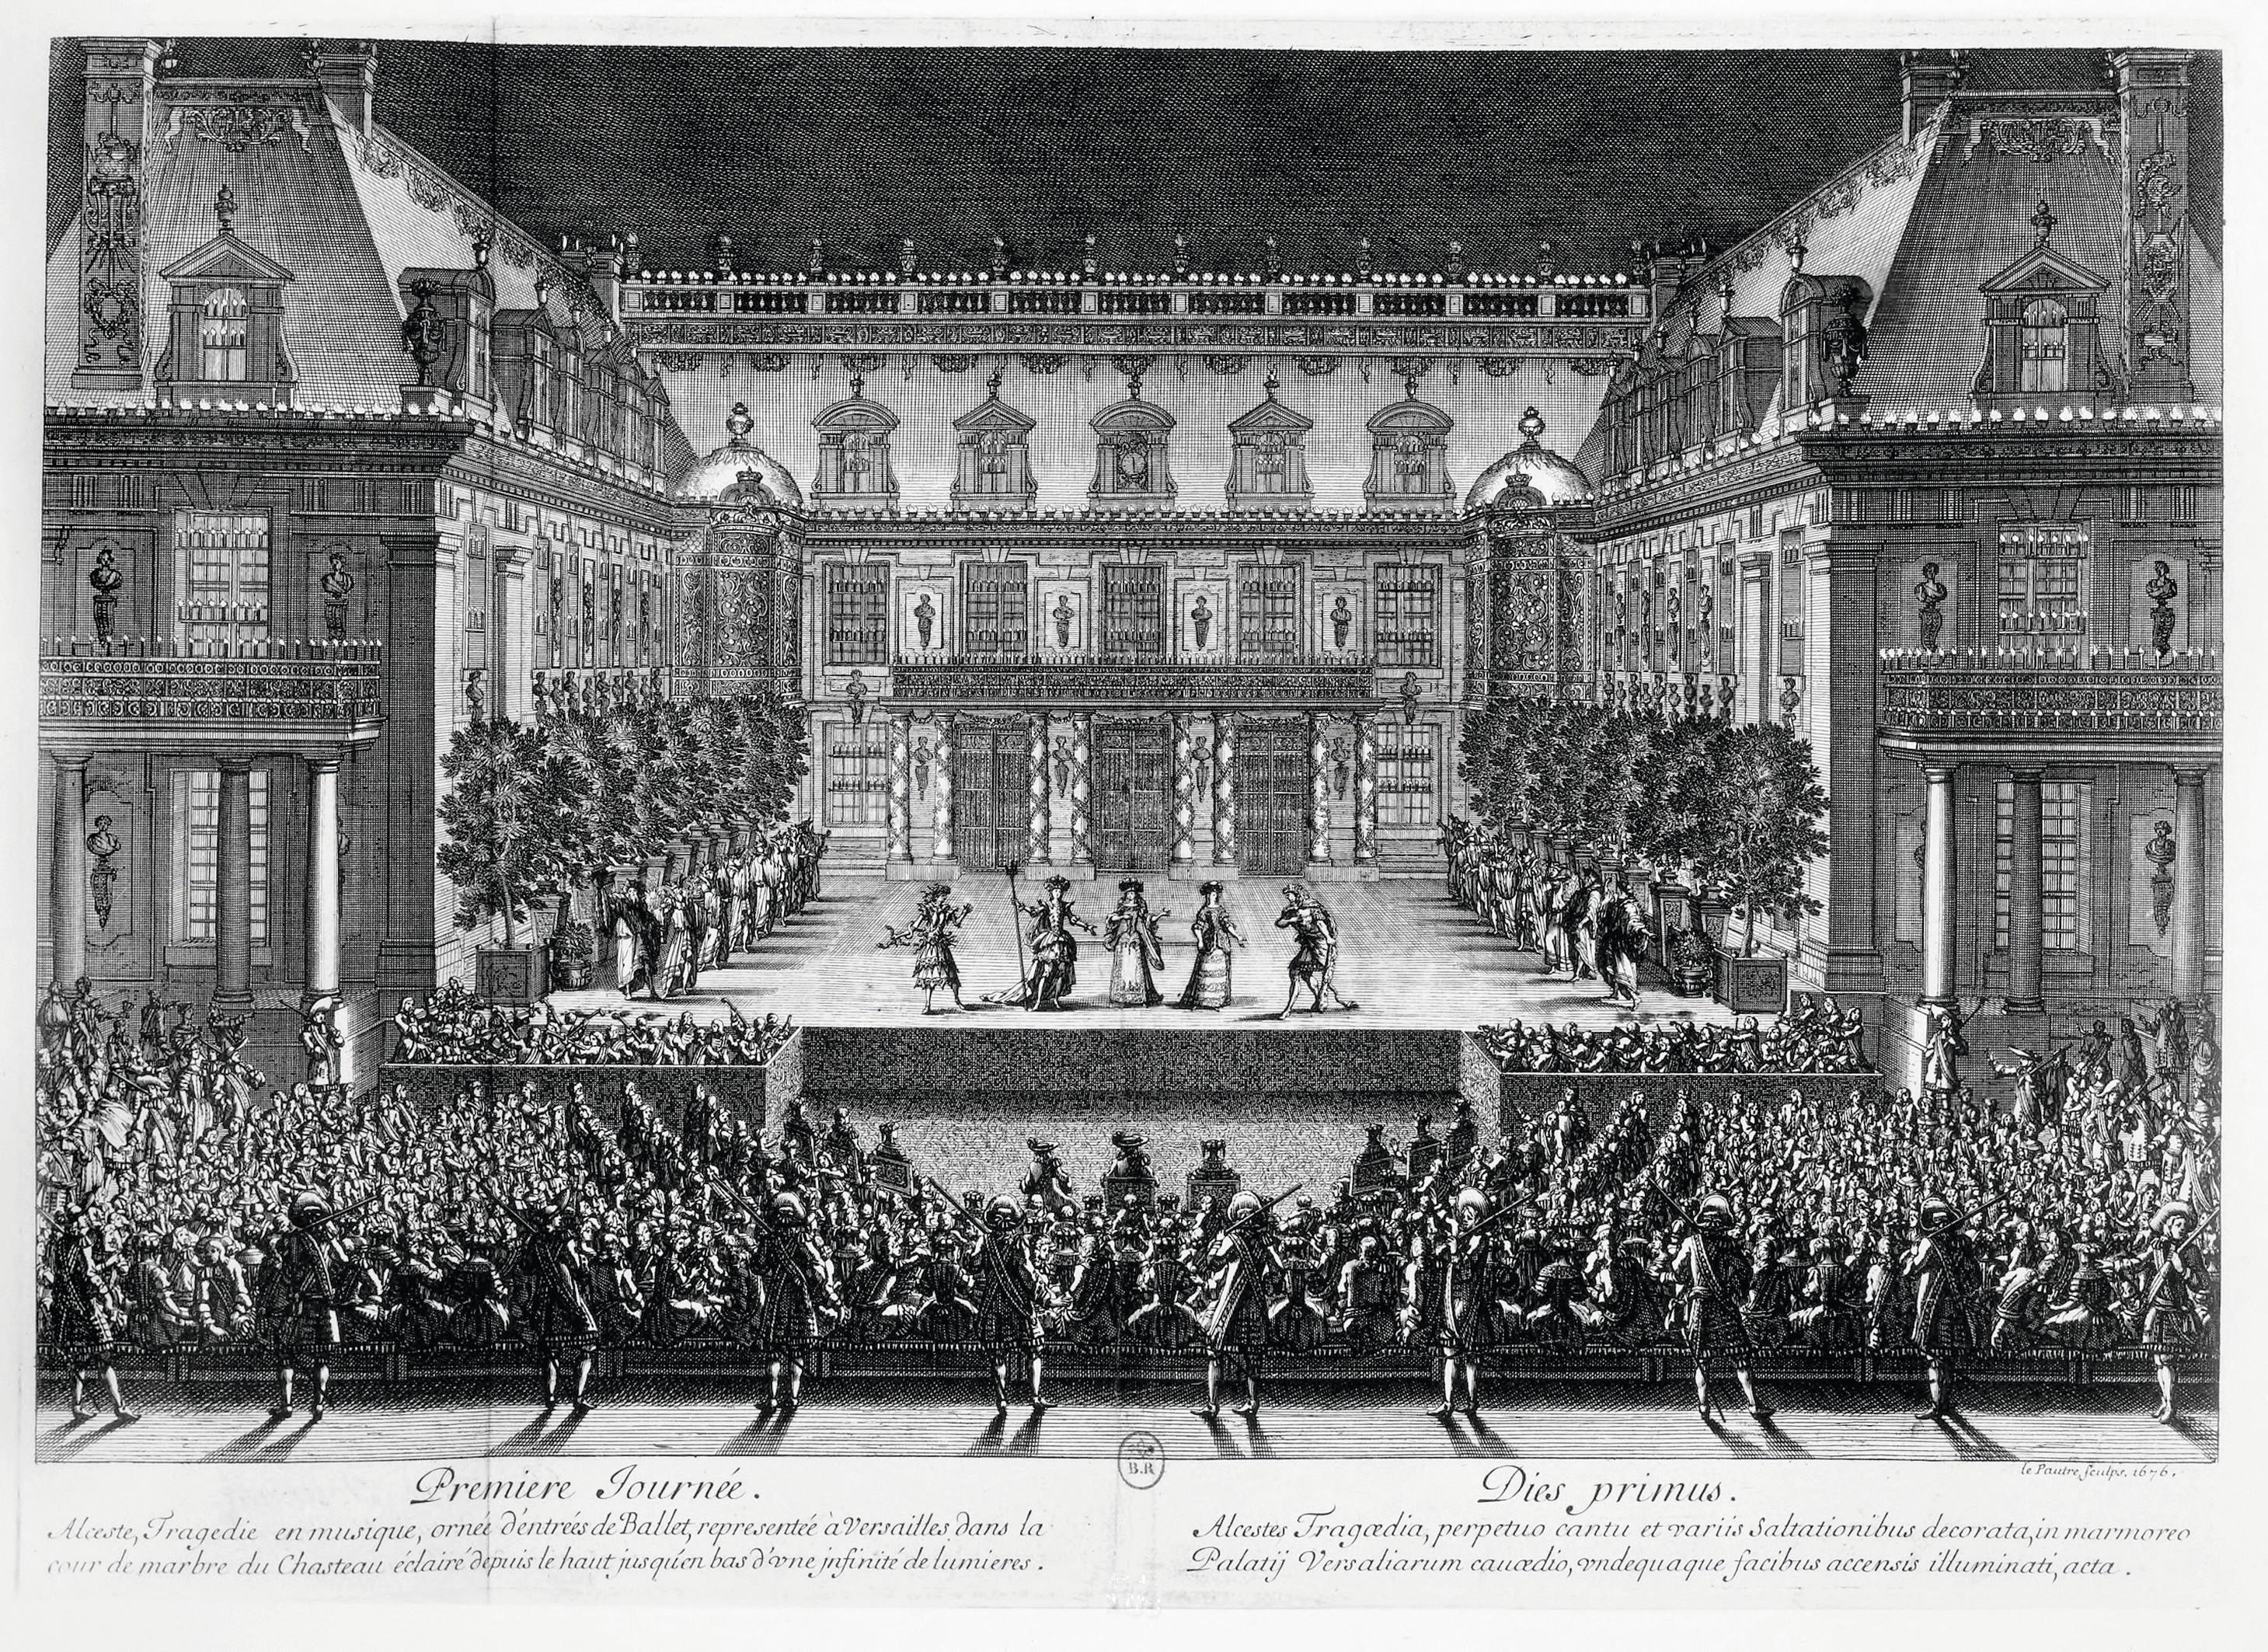 Jean Lepautre, représentation d'Alceste de Lully-Quinault, Versailles, fête de 1674, BnF, Paris.